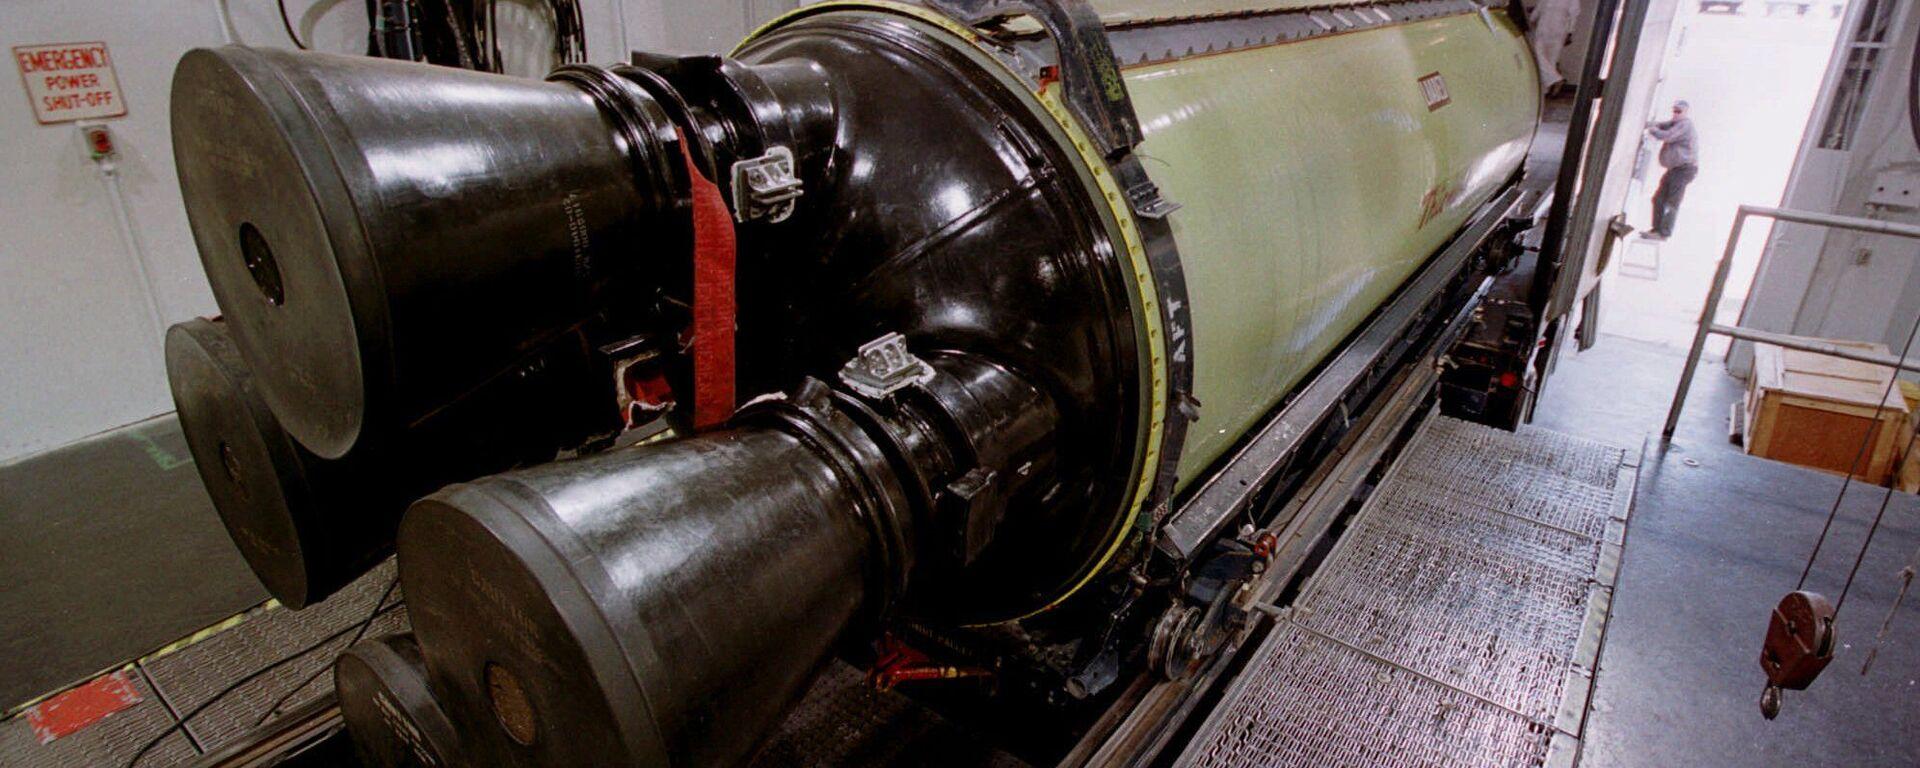 Un misil bal'istico Minuteman III se carga en un camión para su transporte - Sputnik Mundo, 1920, 02.06.2021